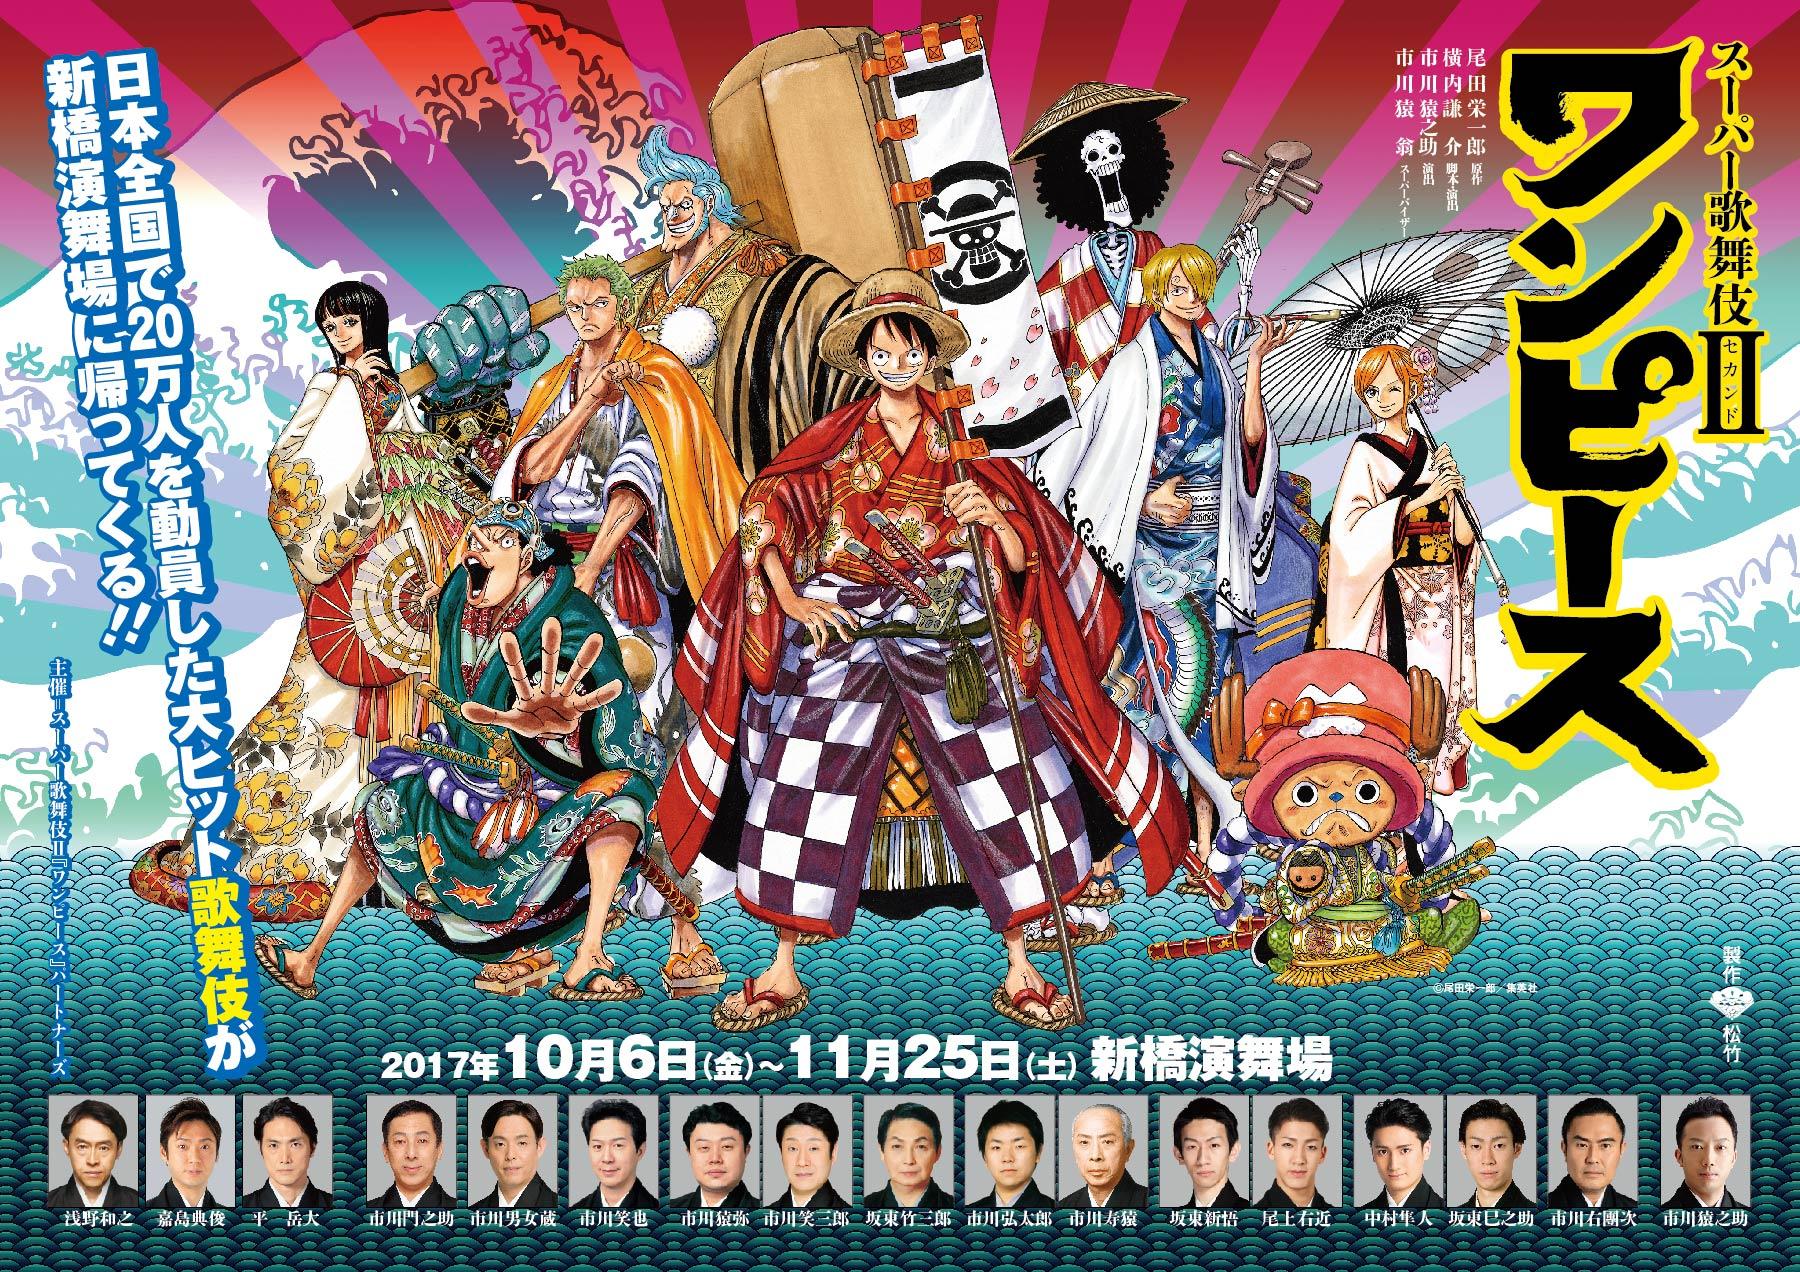 ルフィと麦わらの一味が、新橋演舞場の舞台に帰ってくる! スーパー歌舞伎Ⅱ『ワンピース』再演決定!!